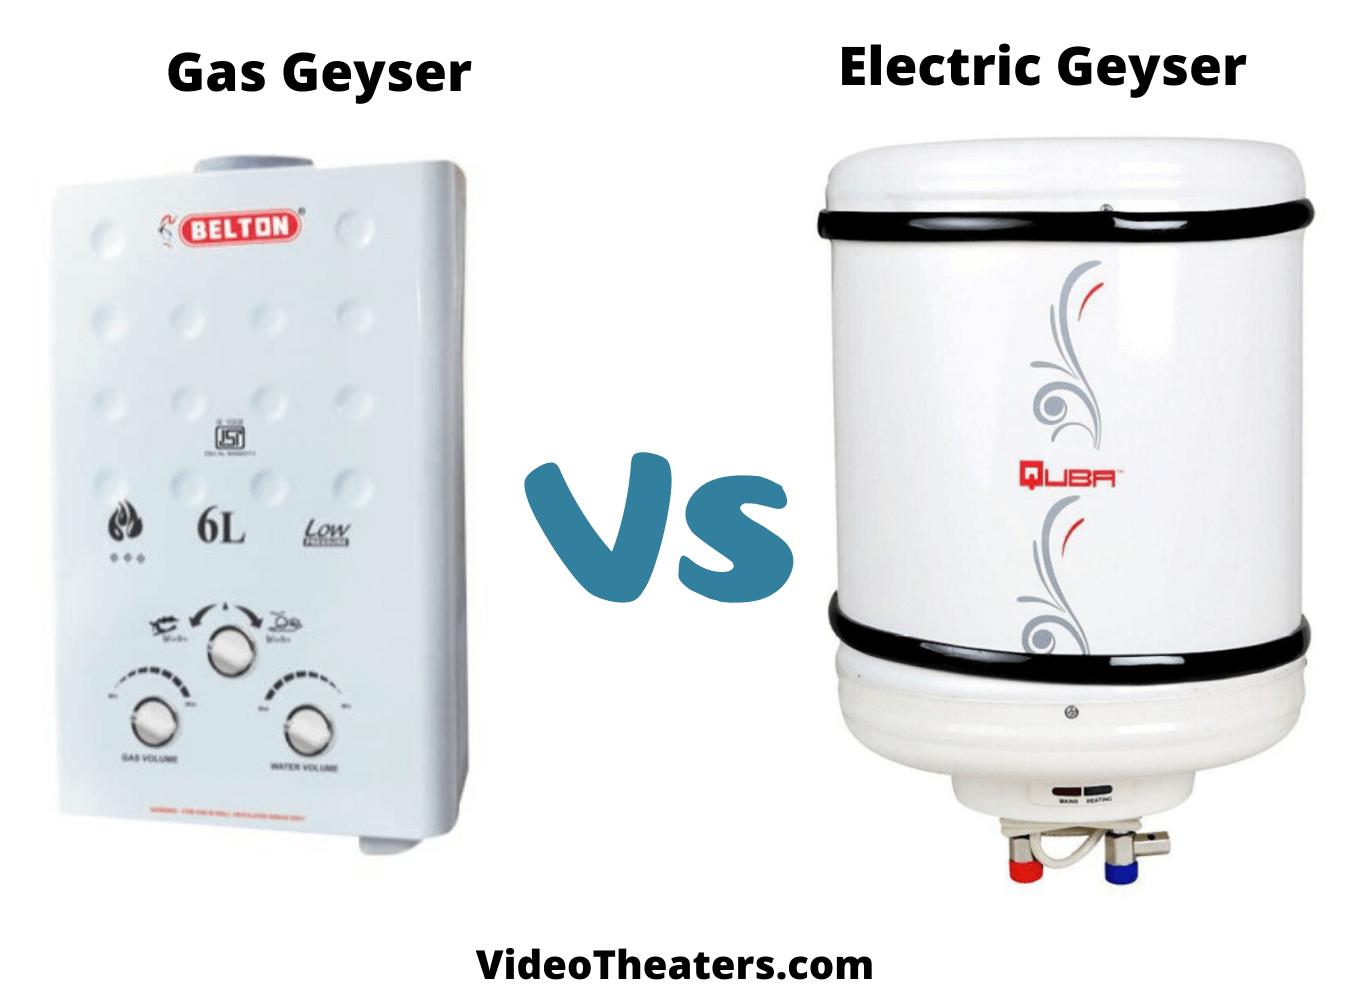 Gas-Geyser-Vs-Electric-Geyser